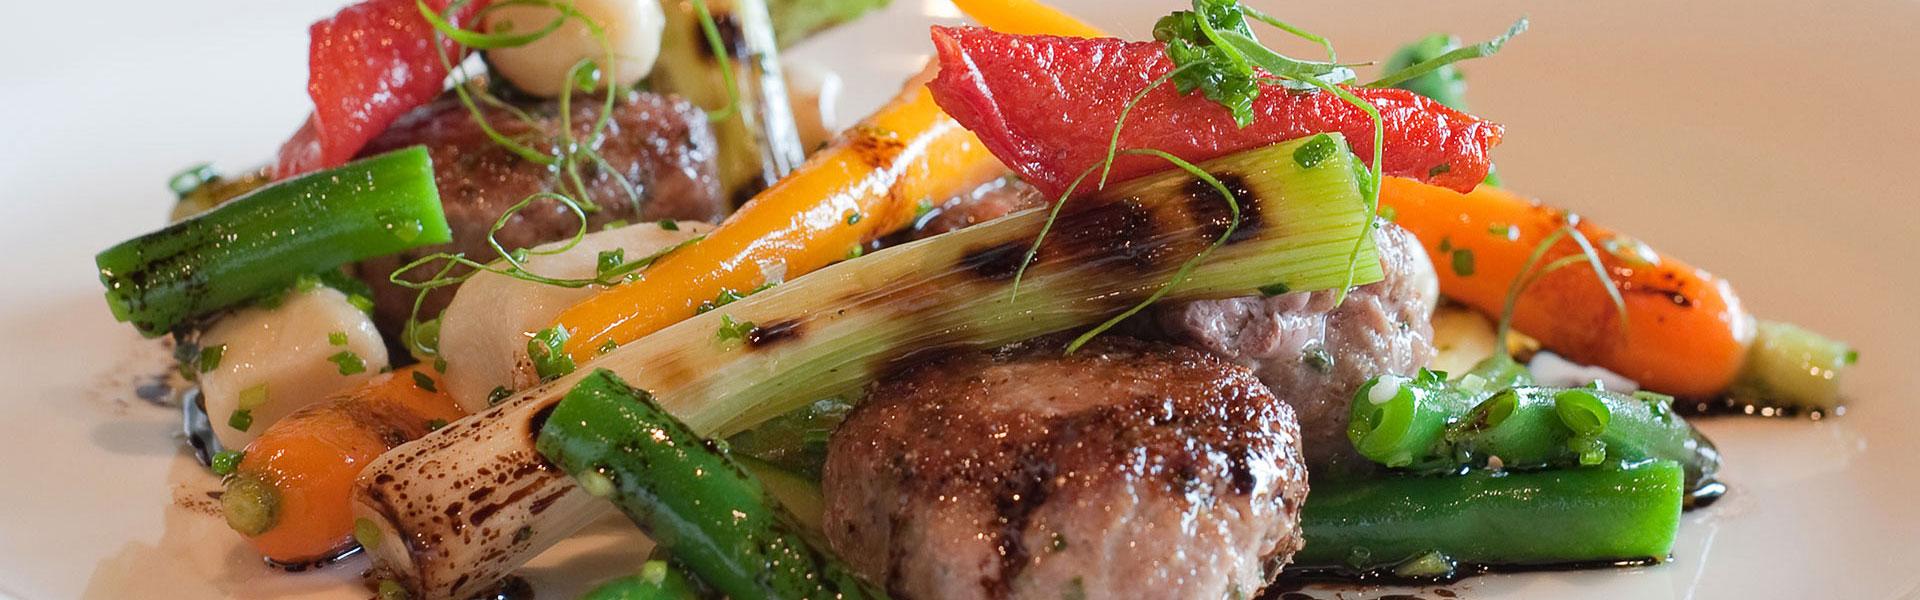 Pork Meat Balls and roast vegetables